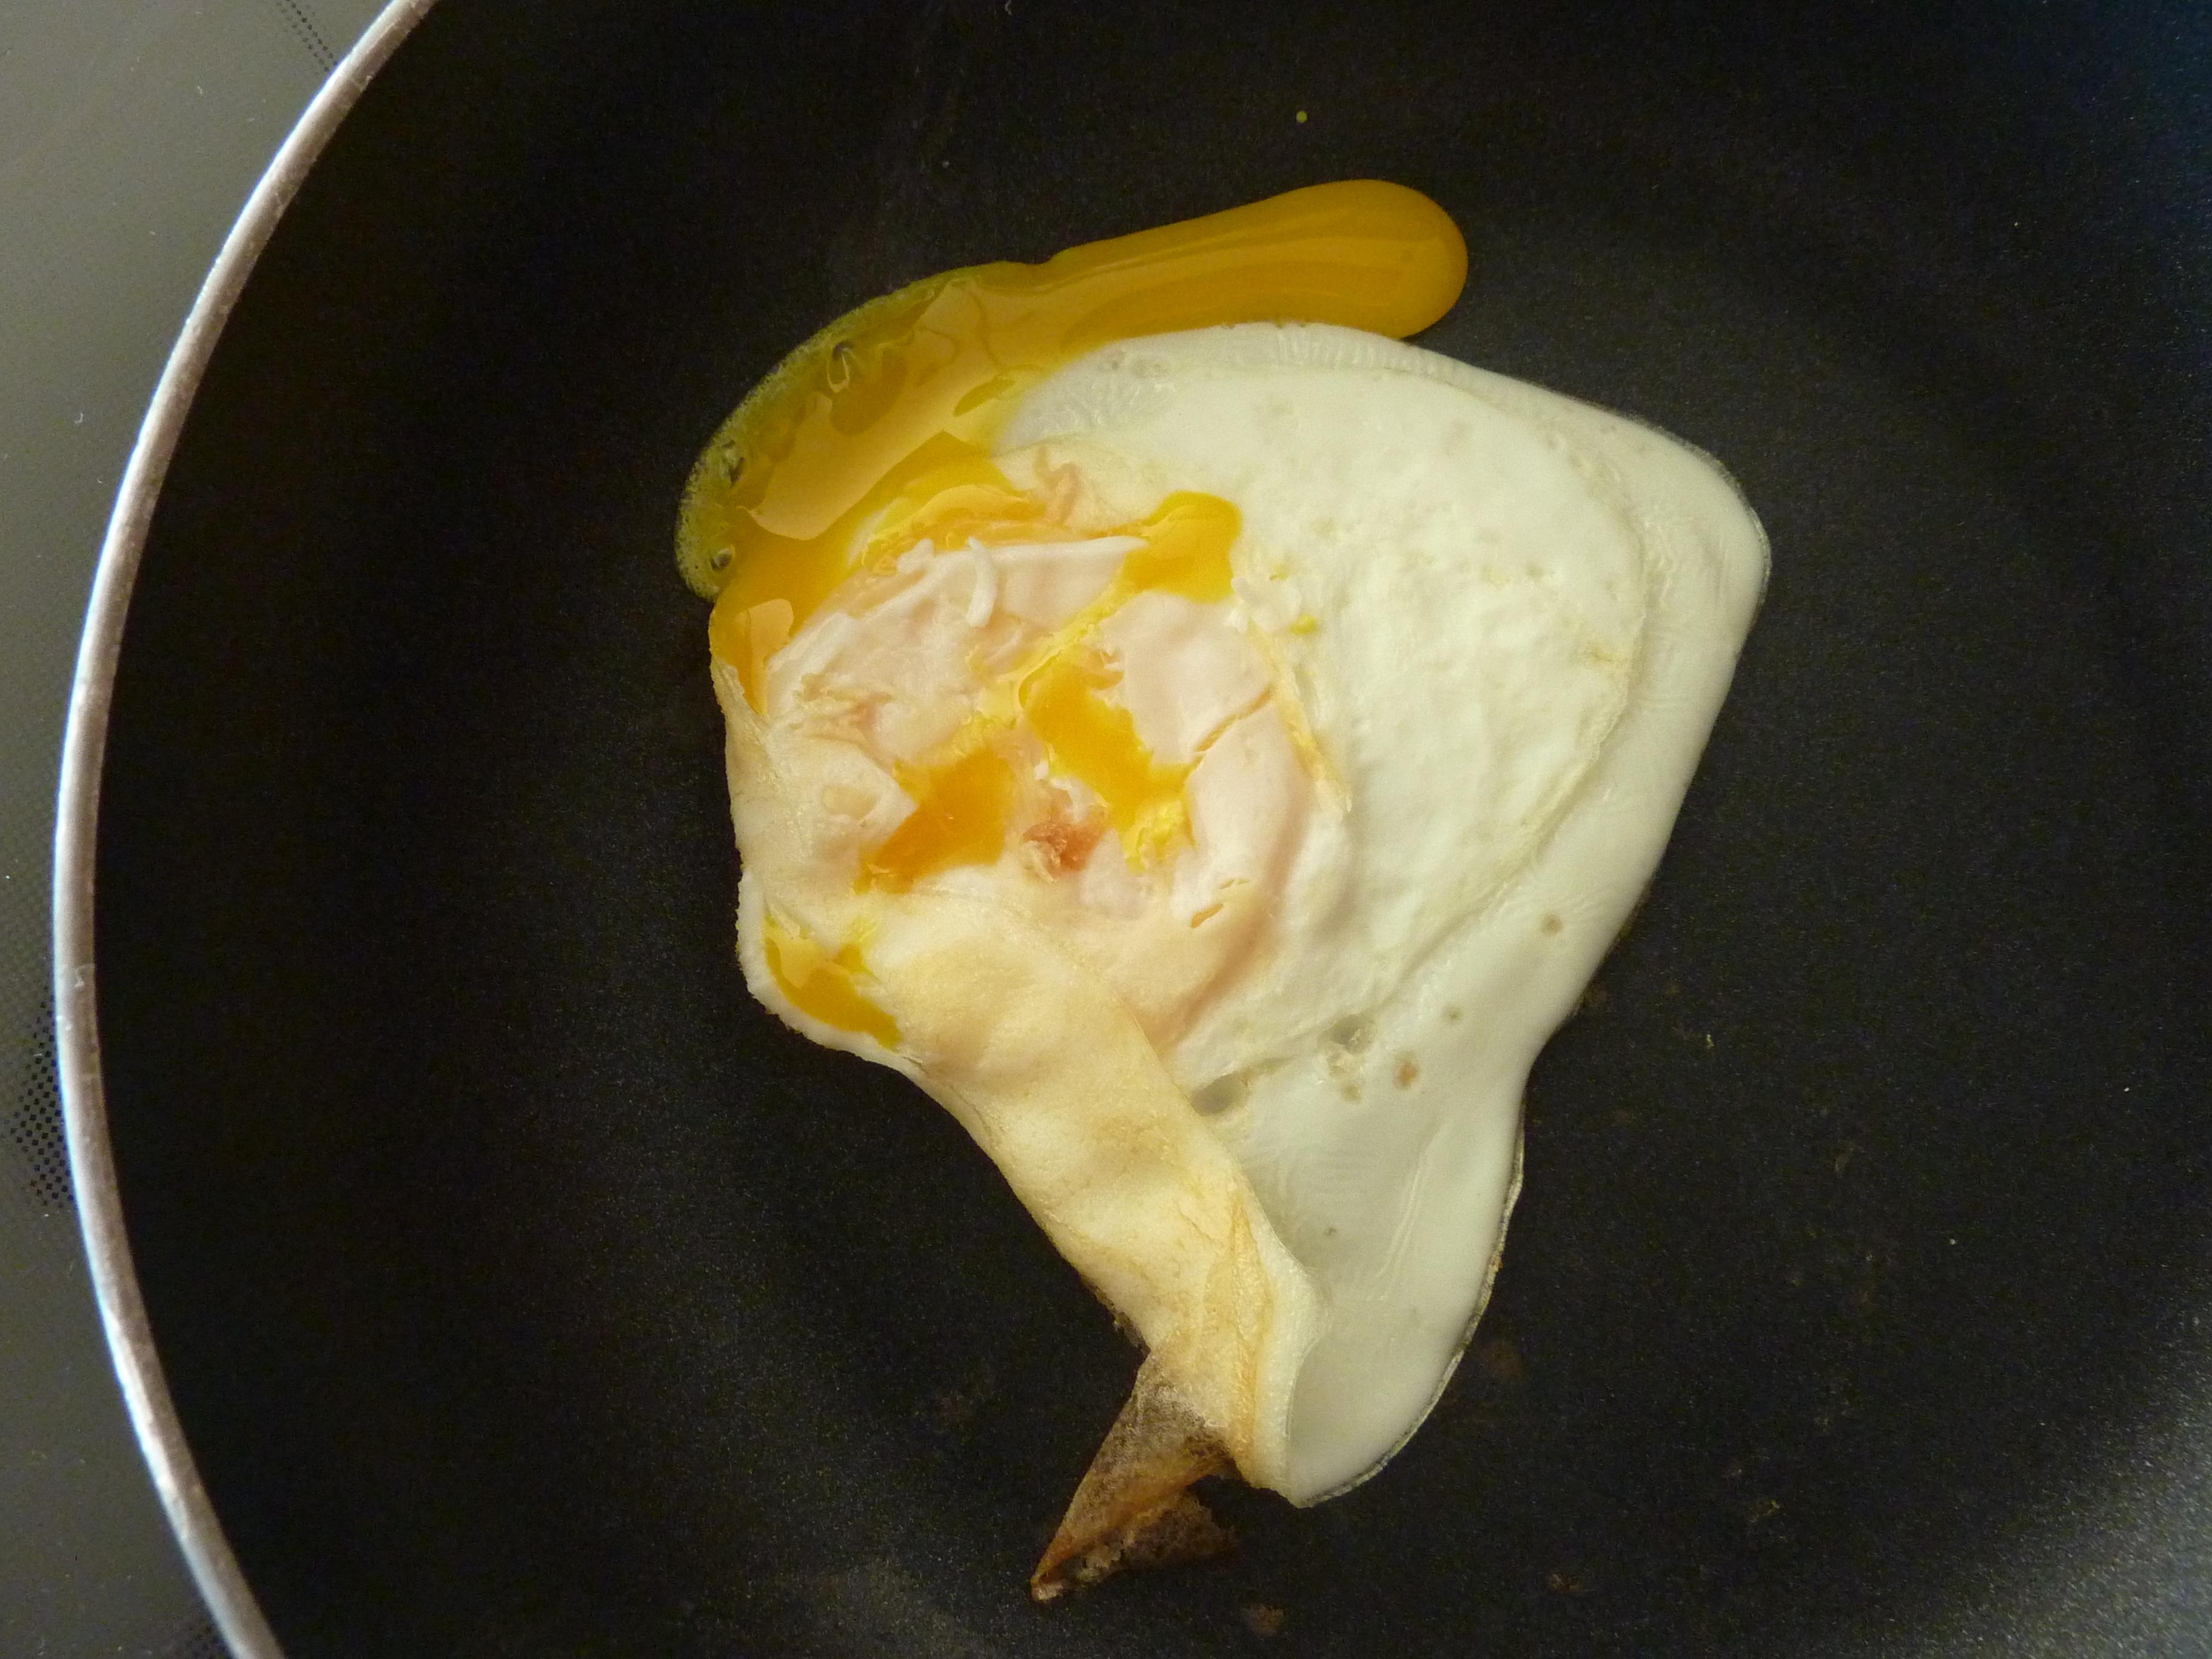 Commercial Egg Yolk